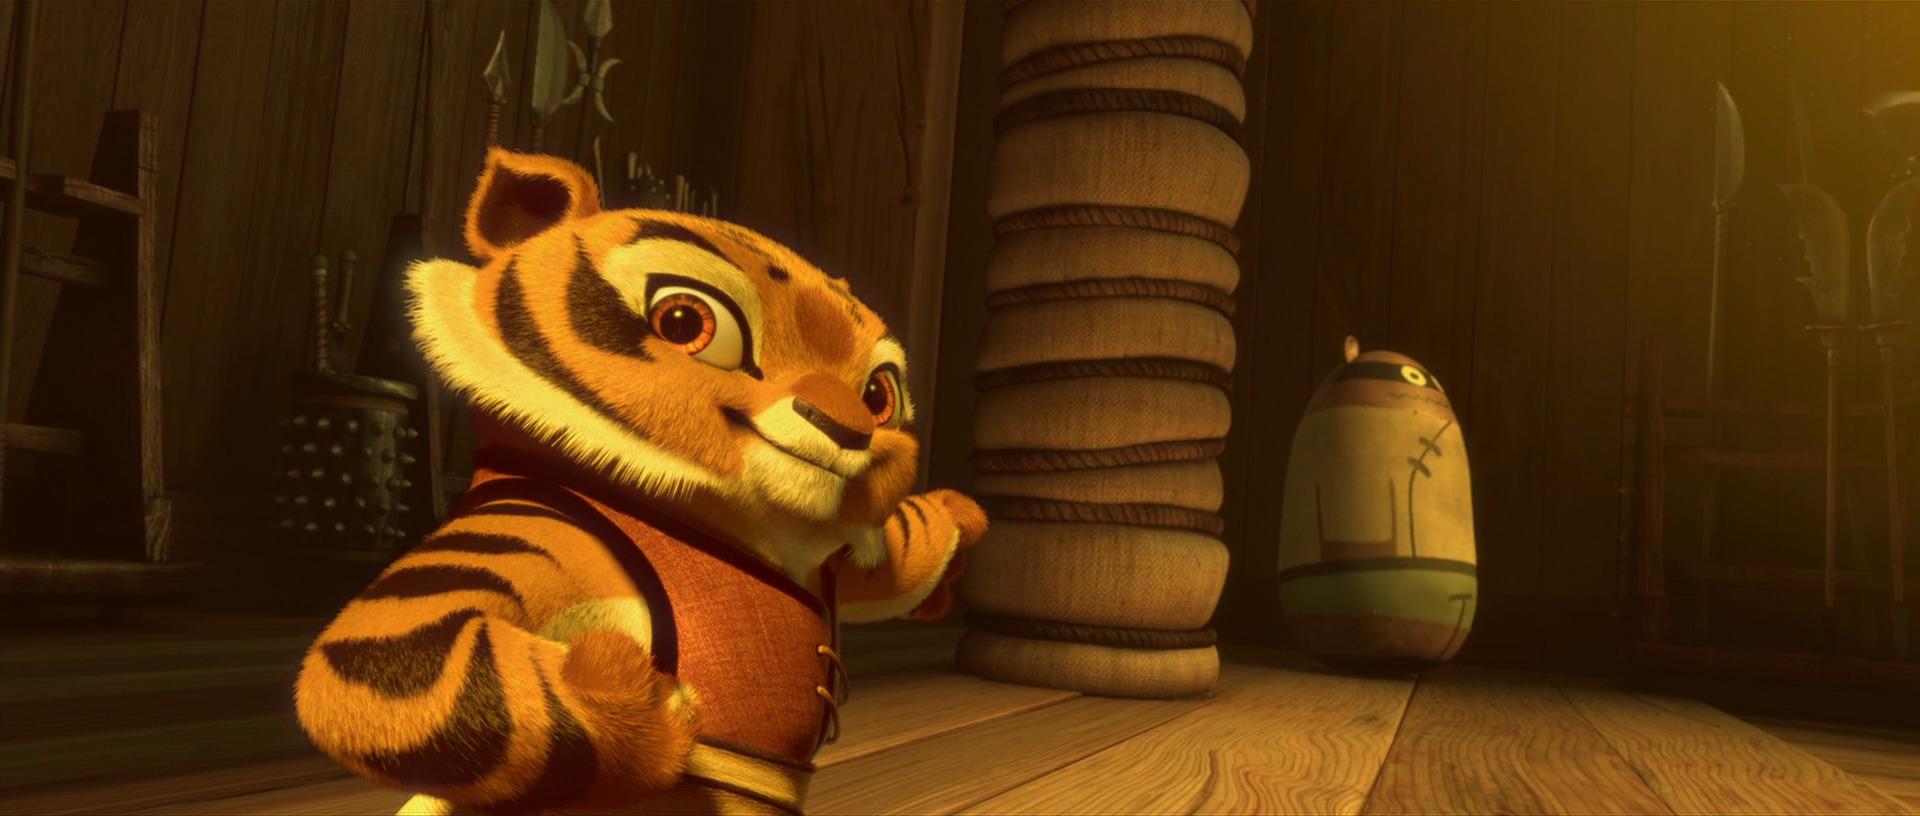 Tigress Cub